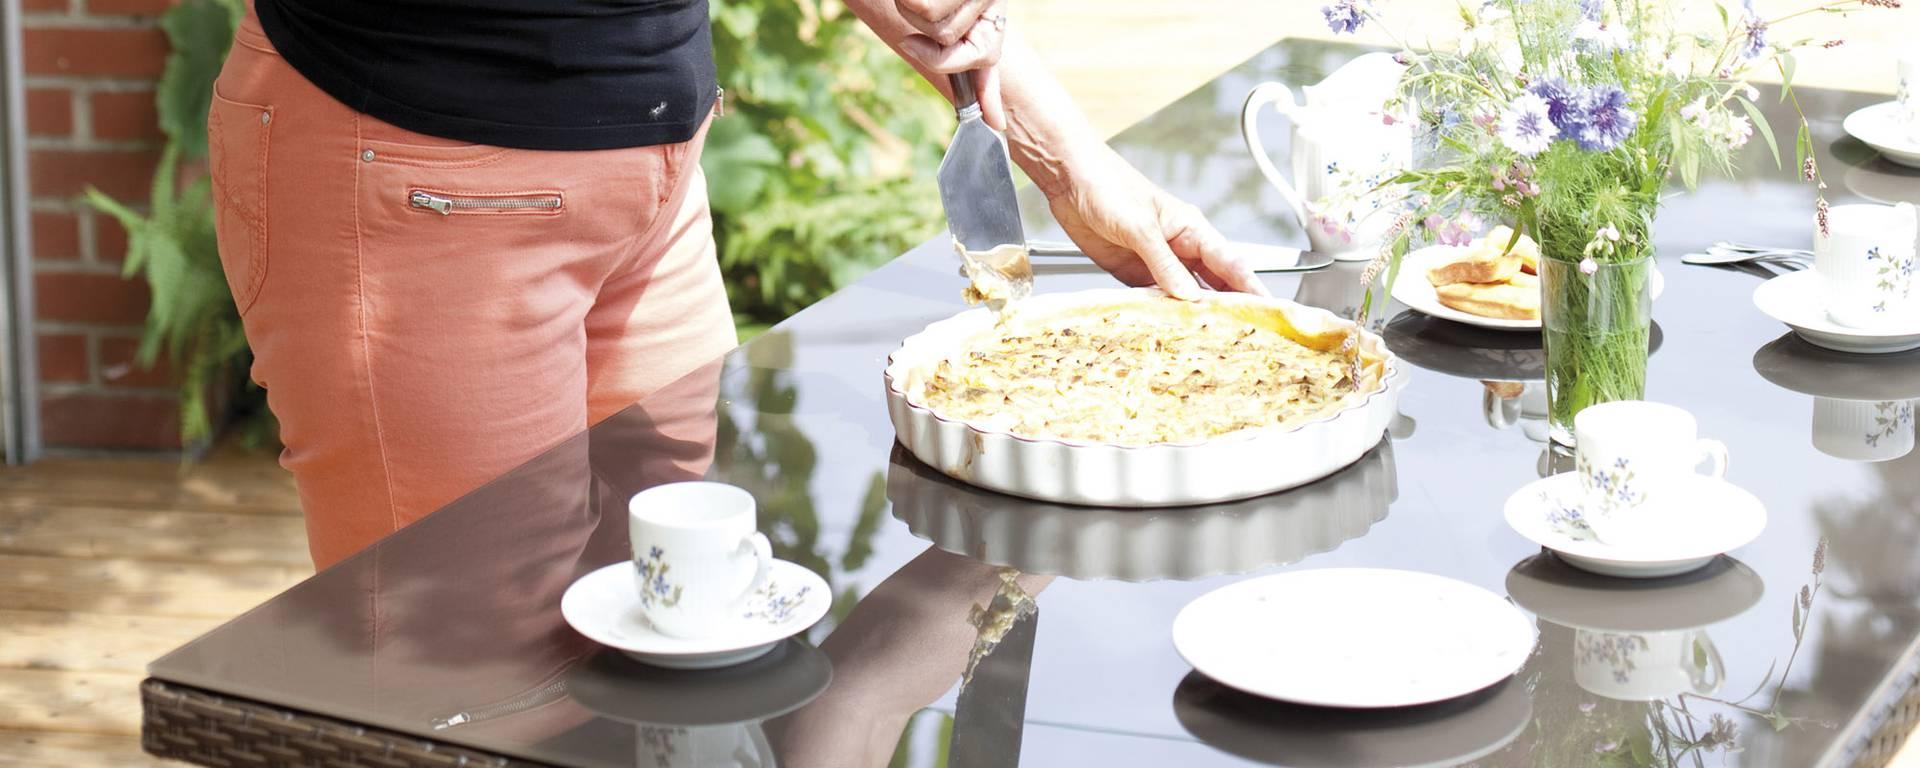 Une part de tarte maison à la Ferme des Saules ? © Brigitte Baudesson